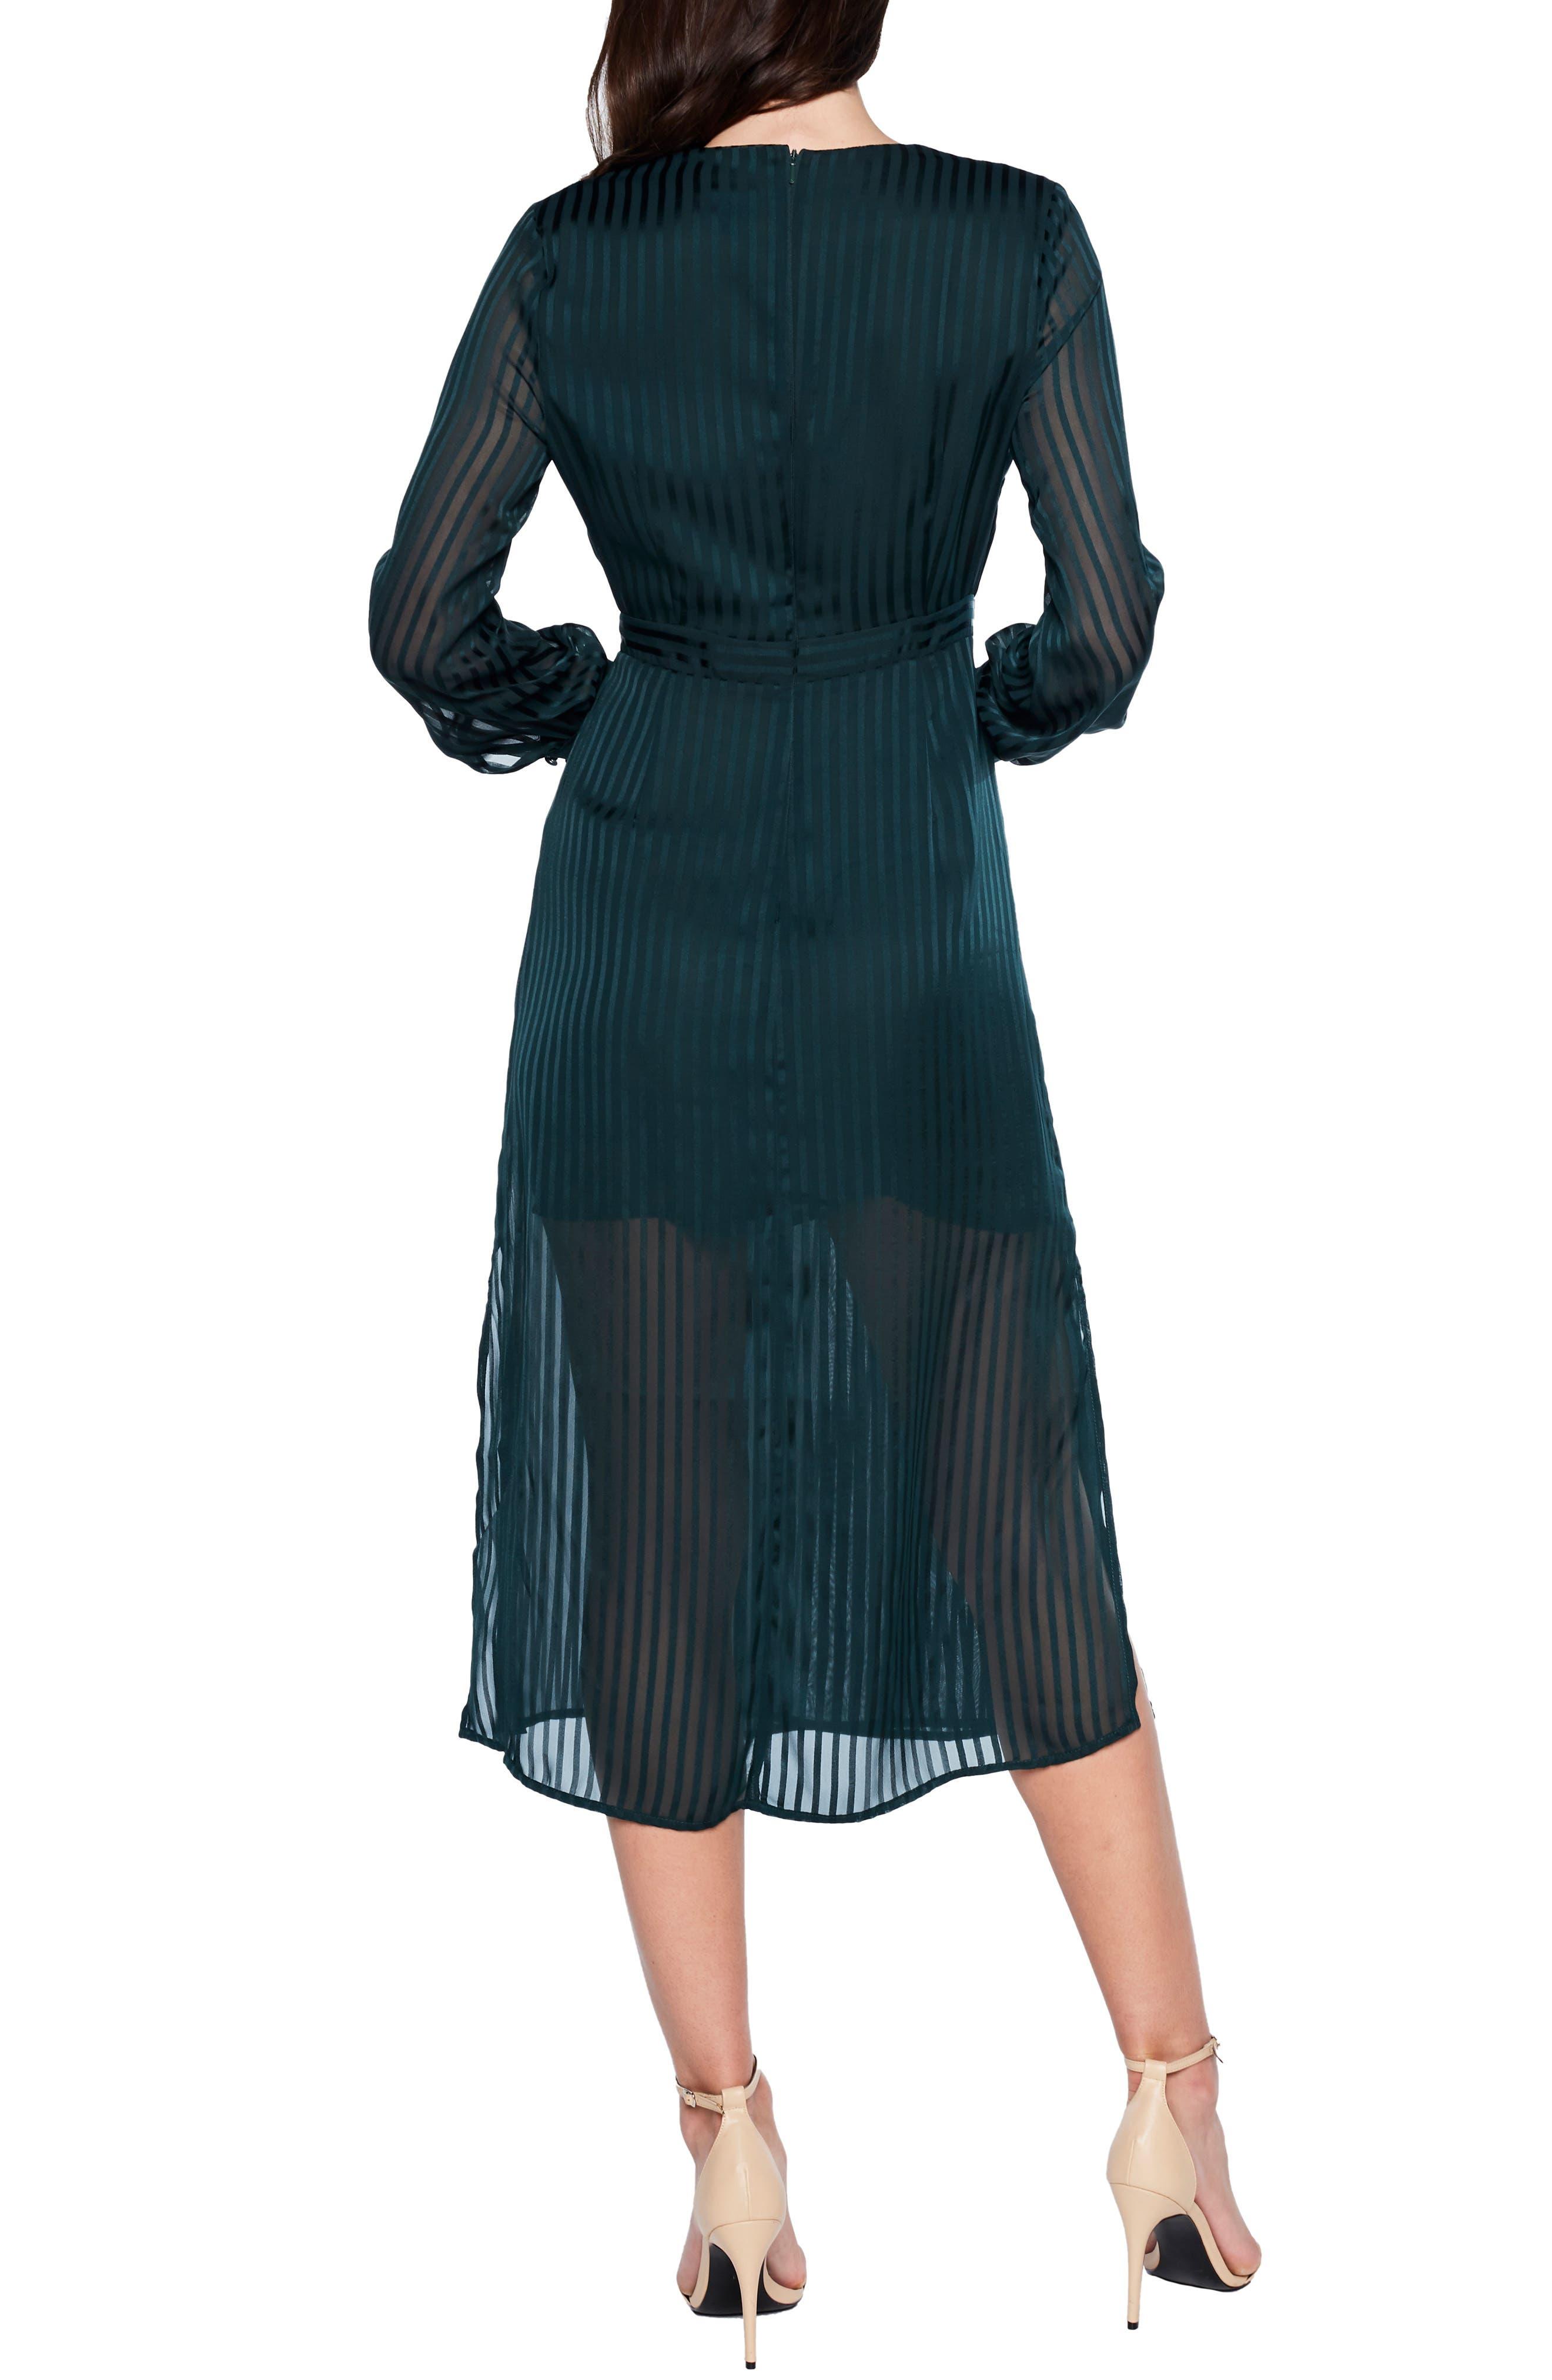 BARDOT, Shadow Stripe Faux Wrap Midi Dress, Alternate thumbnail 2, color, 309